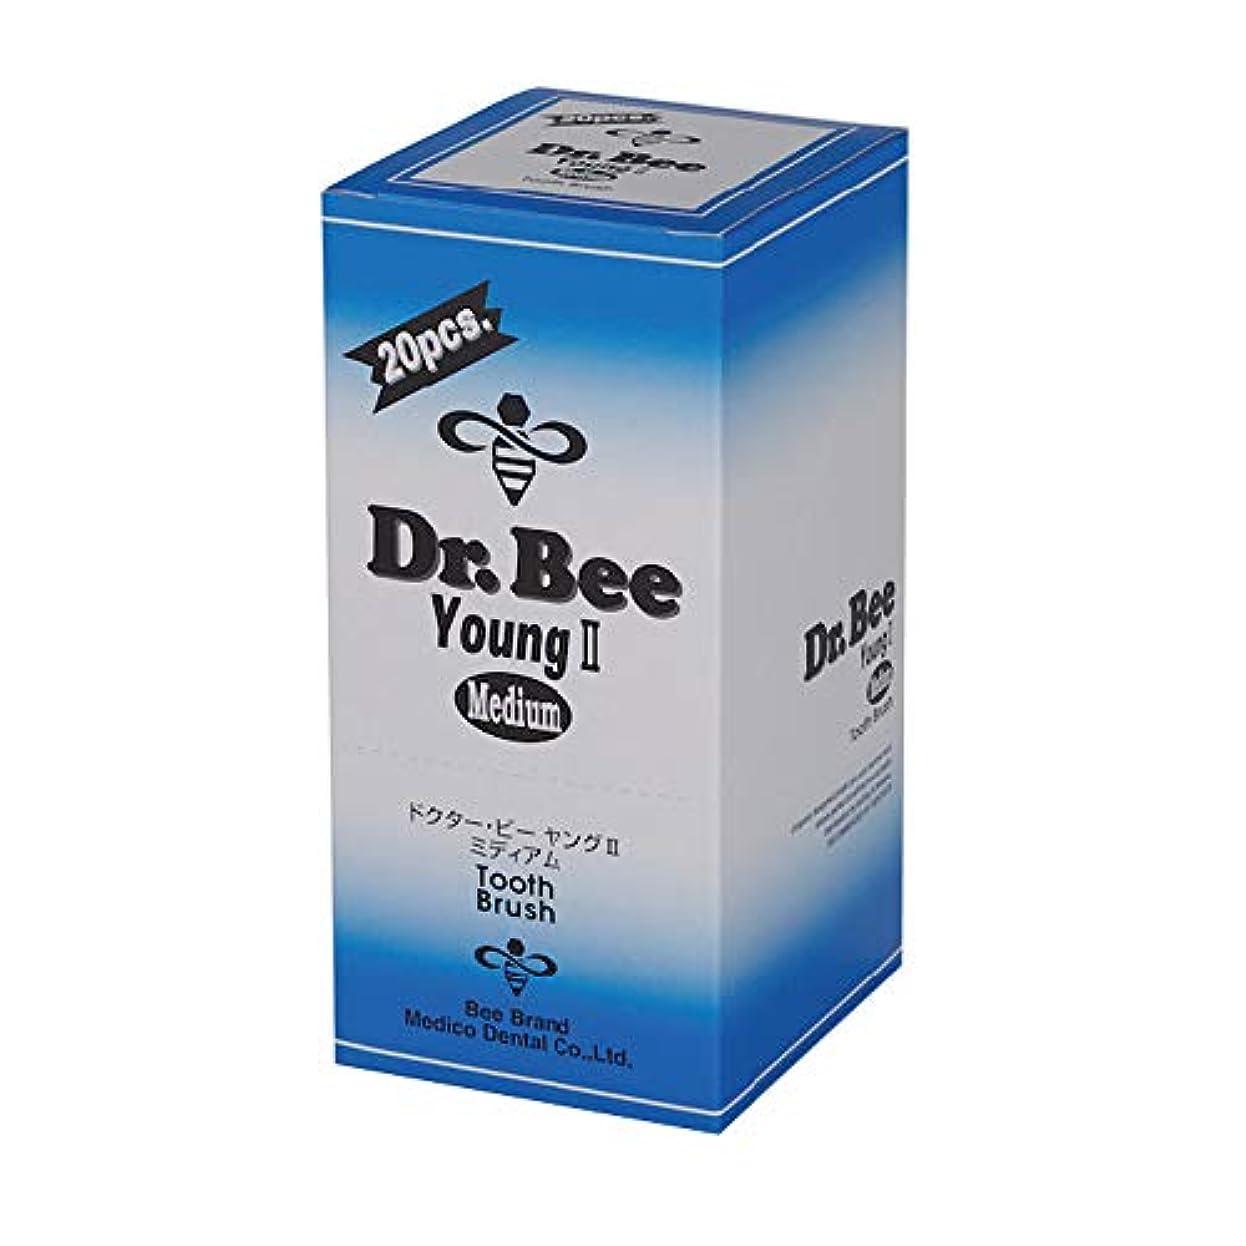 不合格降雨胃Dr.Bee ヤングII ミディアム 20本入り